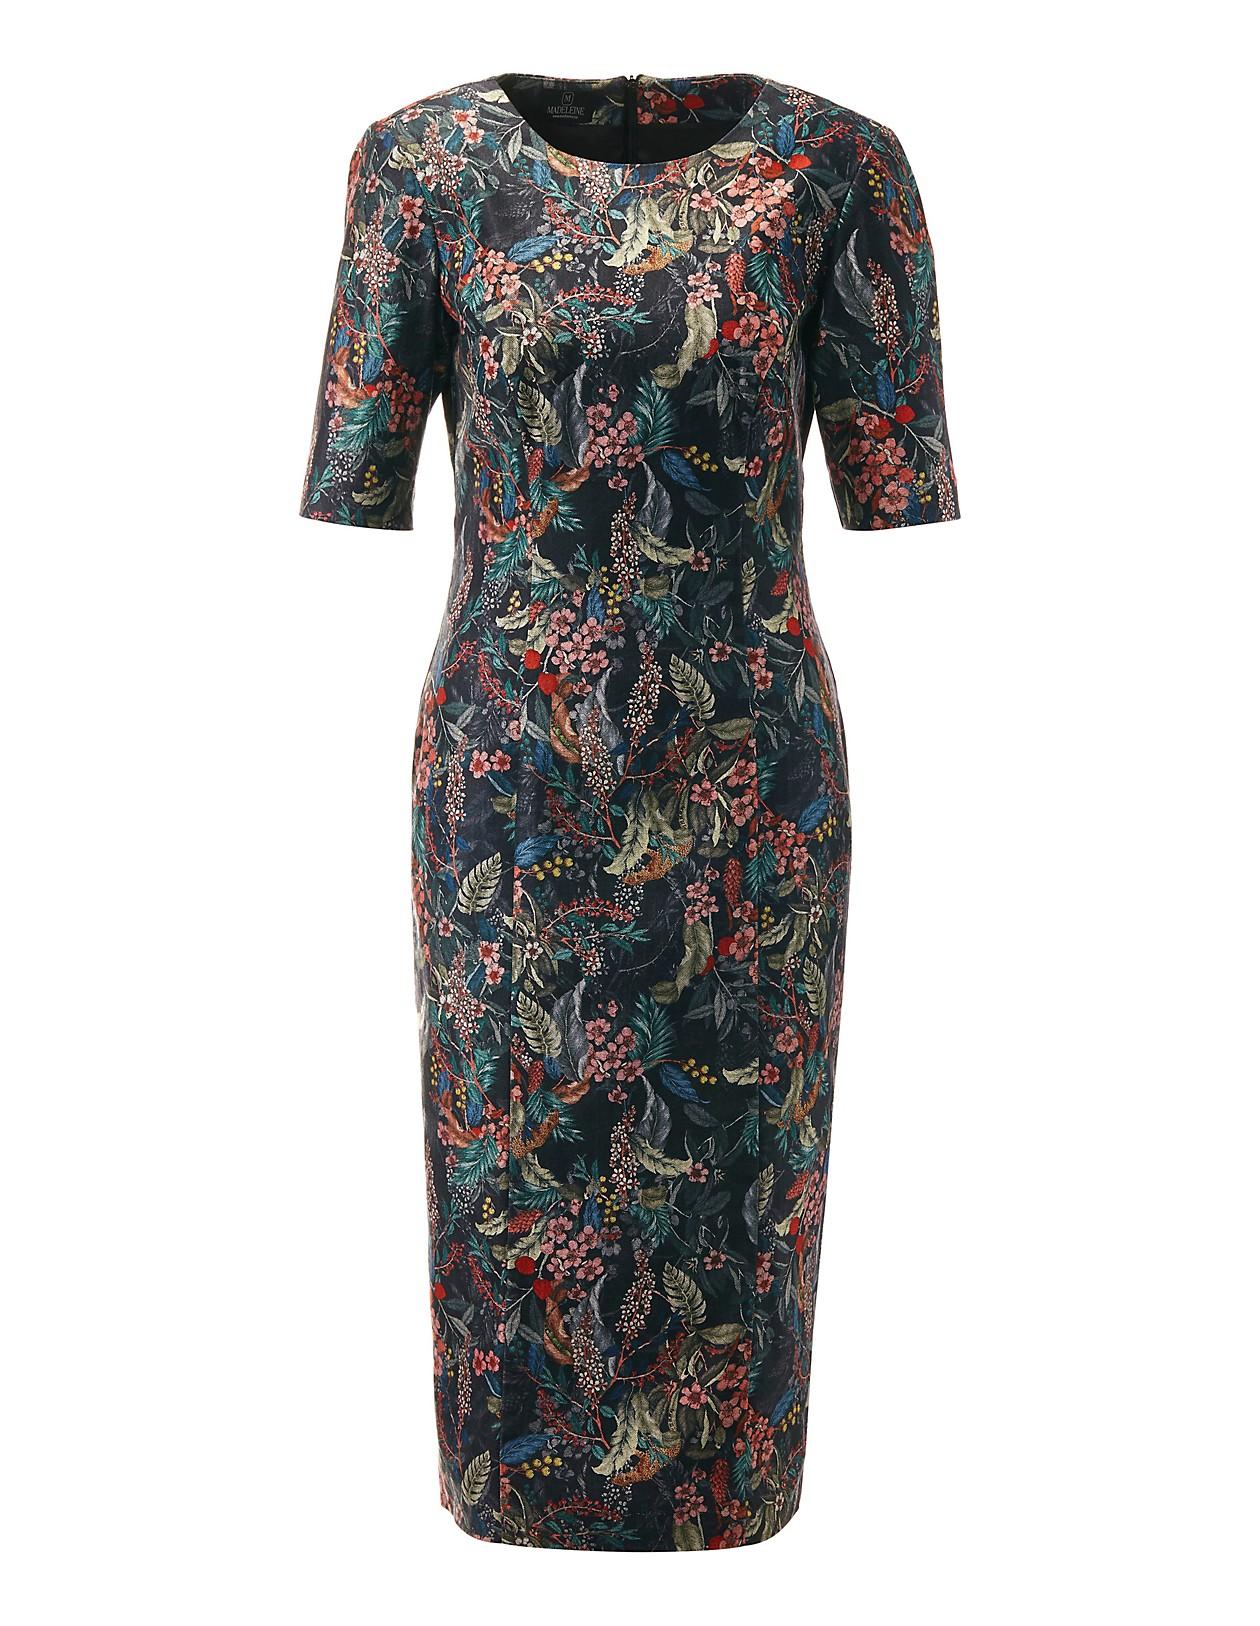 6ffdcd0d4ea4f9 Etui-Kleid mit Floral-Dessin, schwarz/multicolor, blau, rot, schwarz |  MADELEINE Mode Österreich